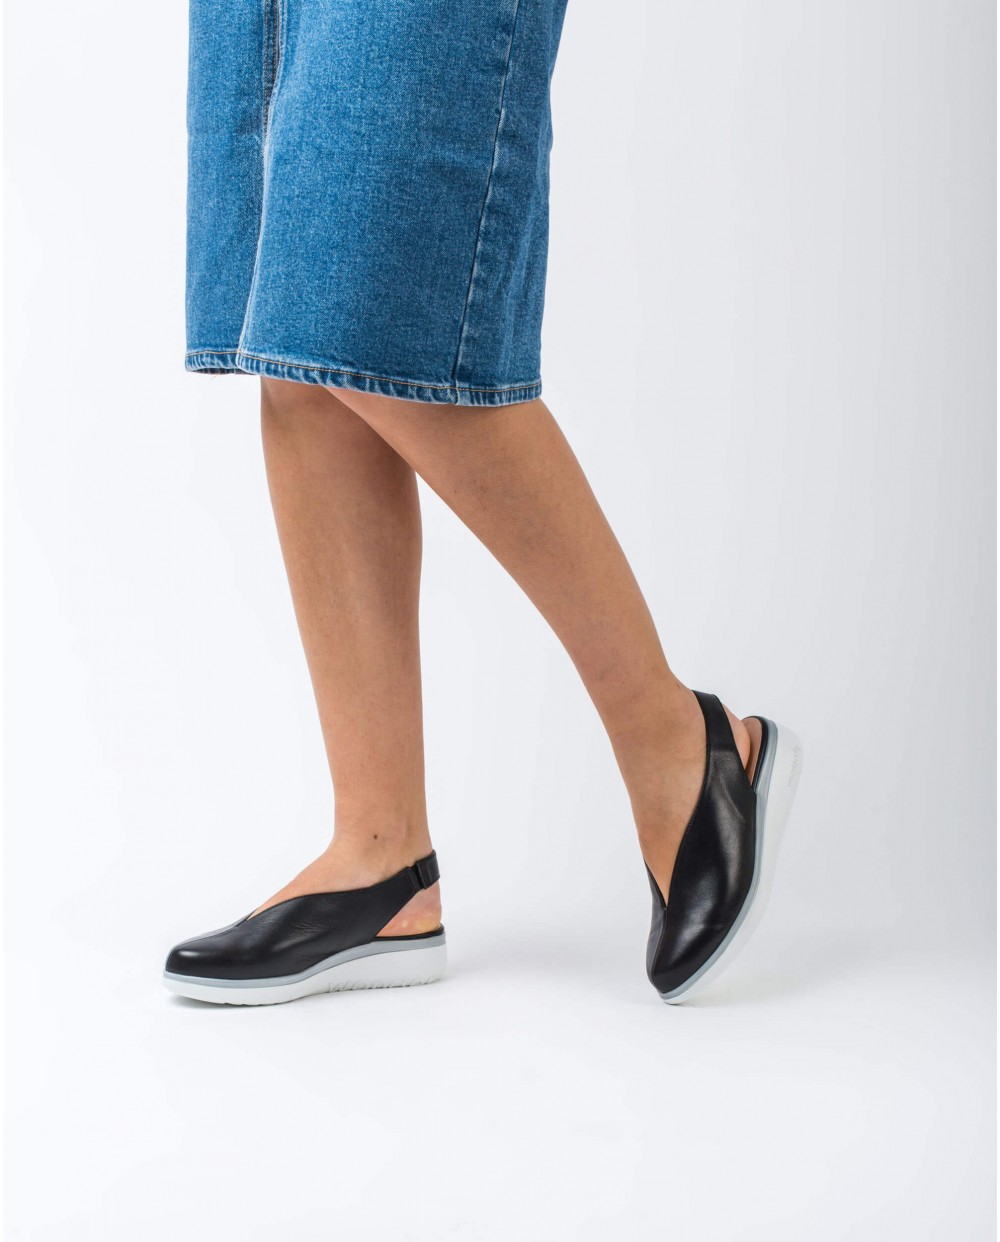 Wonders-Flat Shoes-Leather V cut shoe